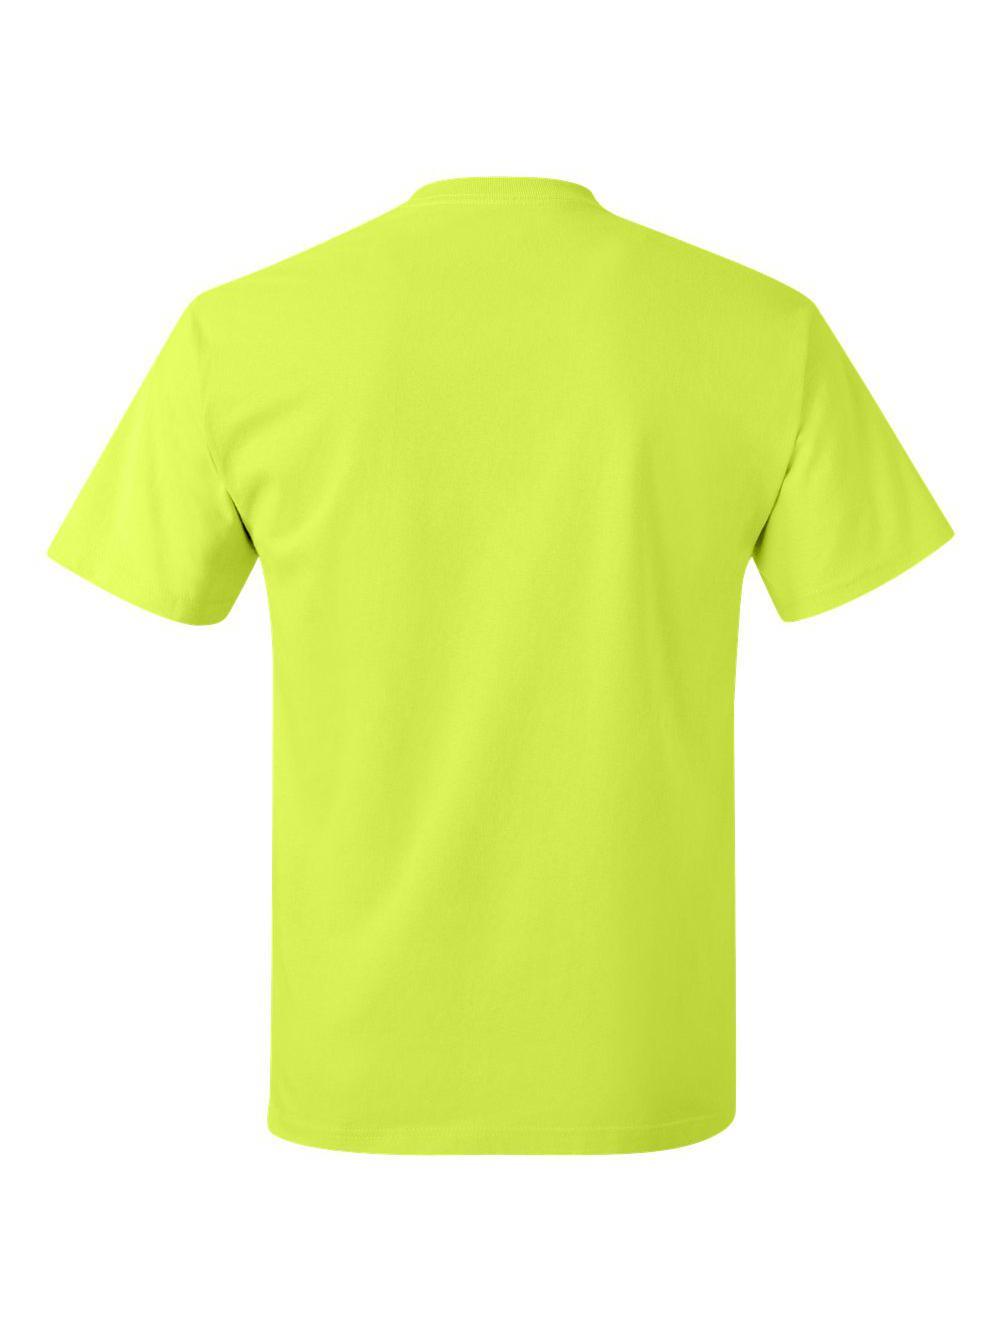 Hanes-Tagless-T-Shirt-5250 thumbnail 100